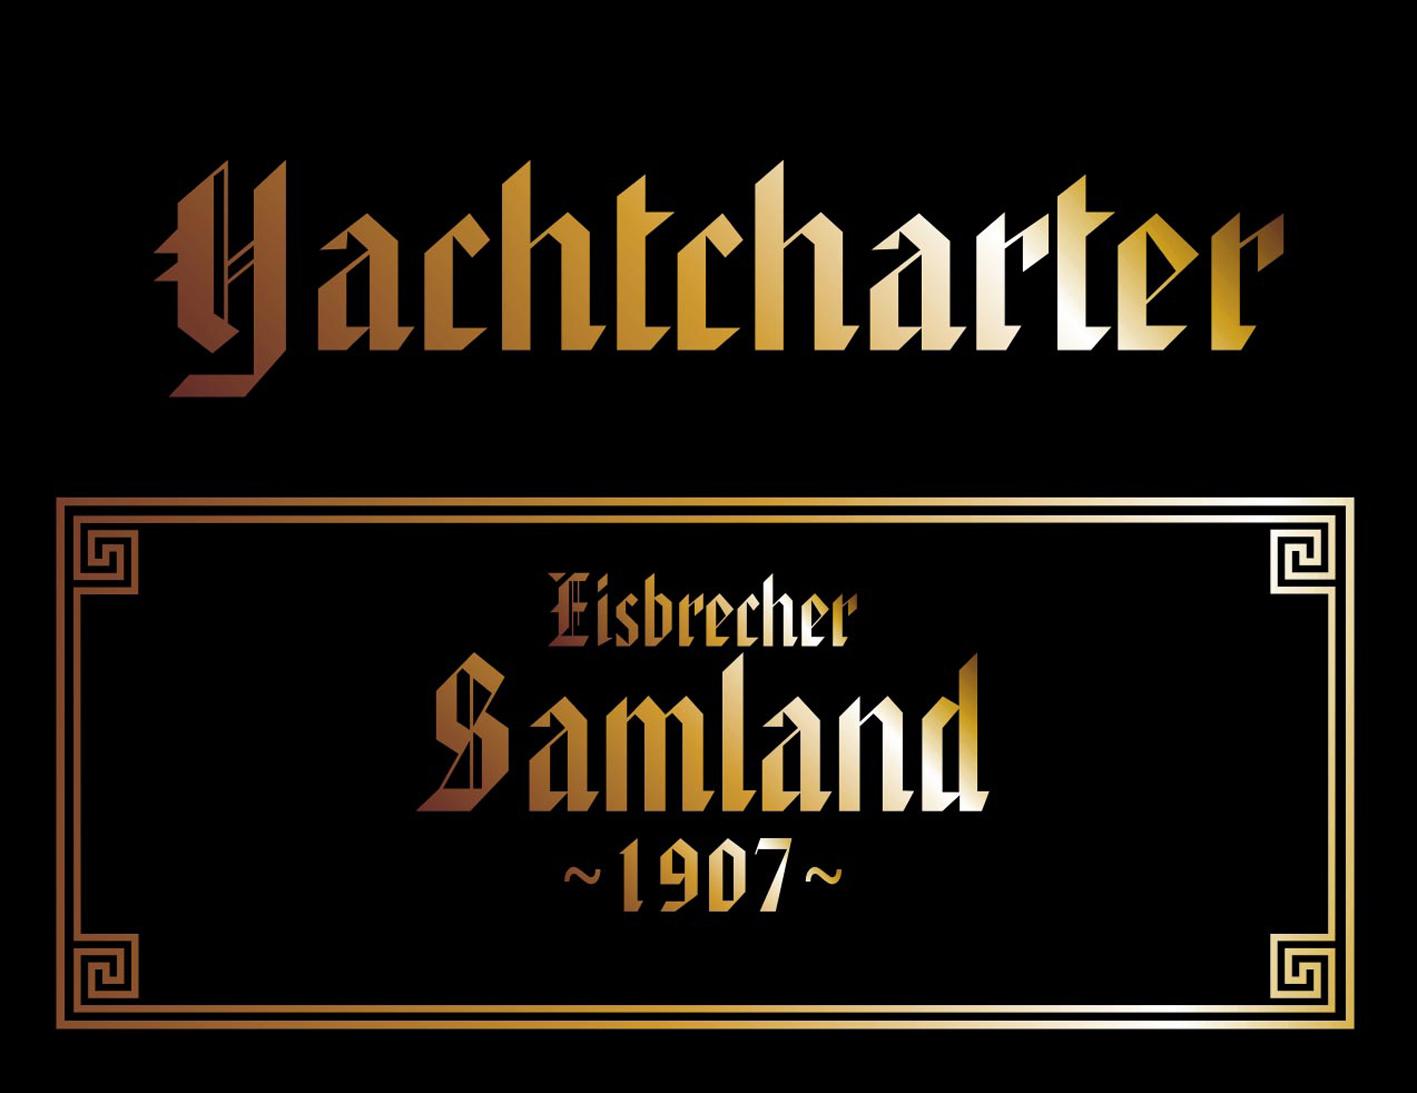 1.) Das Firmensignet. Antiquierte Schrift, gold auf schwarzem Grund